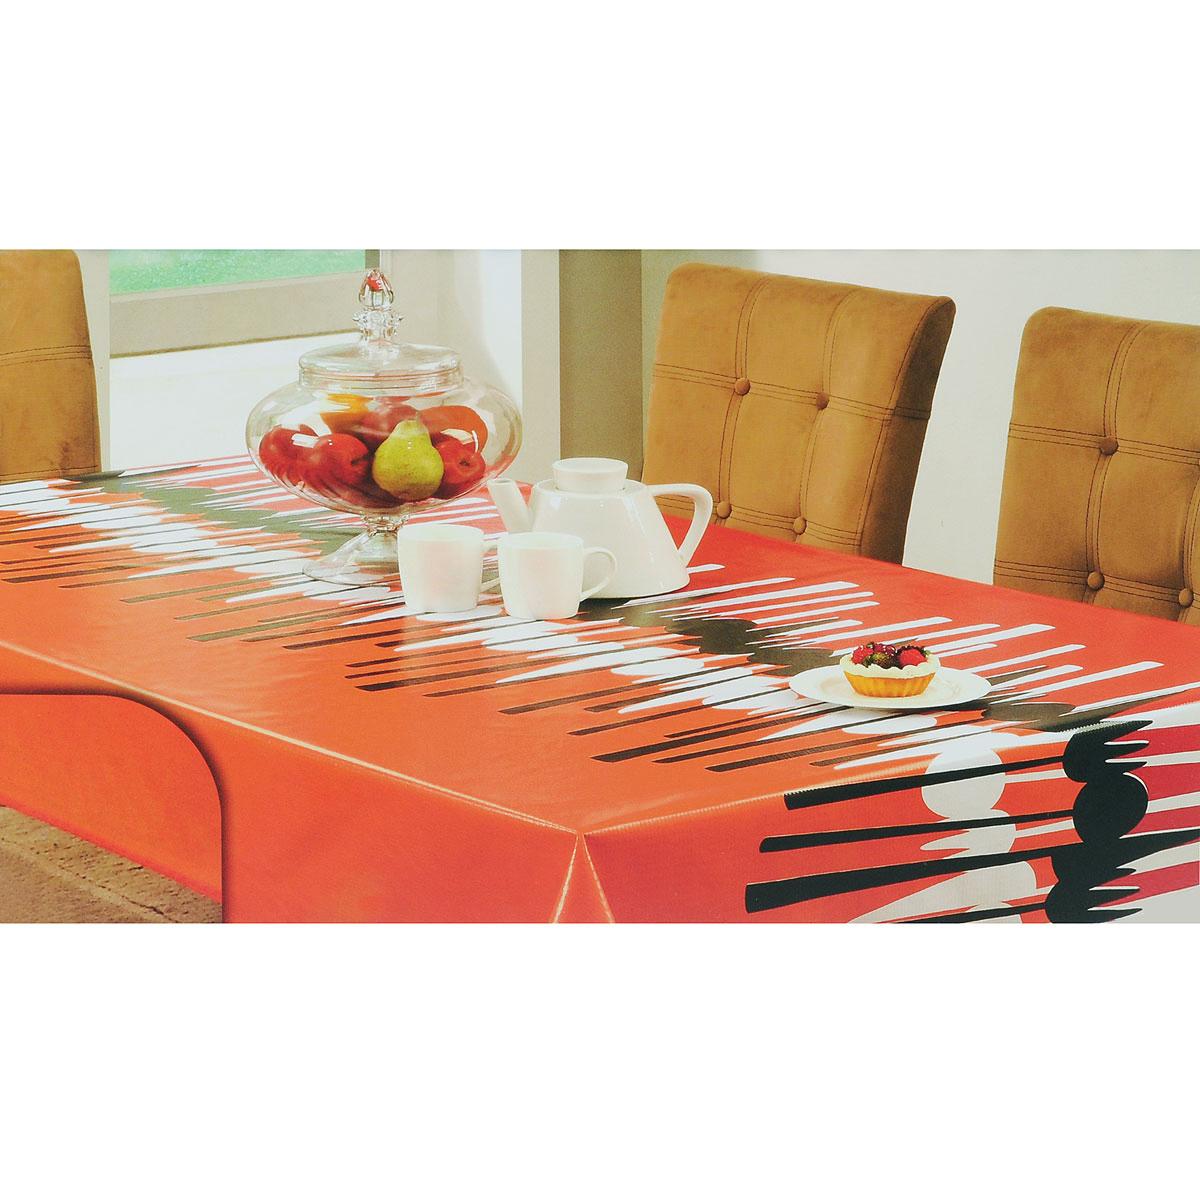 Скатерть White Fox Осень, прямоугольная, цвет: красный, оранжевый, 120  x 152 см скатерти white fox скатерть party standart пвх с основой из флиса 152 228 см